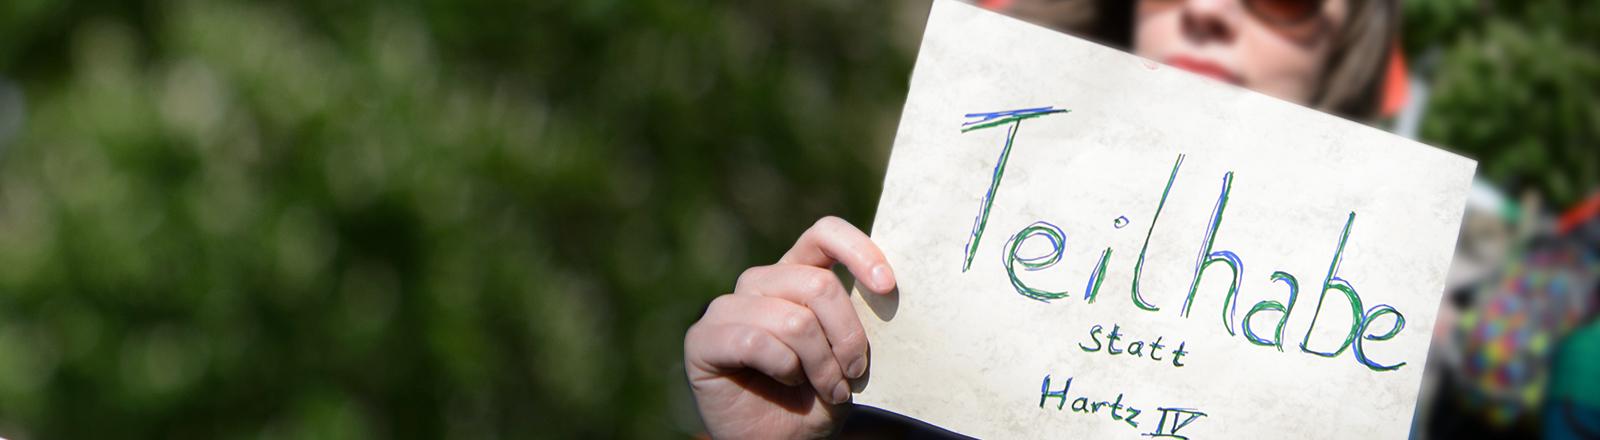 """28.04.2018, Baden-Württemberg, Karlsruhe: Eine Frau hält einen Zettel mit der Aufschrift """"Teilhabe statt Hartz IV"""" bei einer Demosntration vor dem Treffen von Bundesgesundheitsminister Spahn mit der Hartz-IV-Kritikerin Schlensog. Schlensog initiierte eine Online-Petition, mit der Gesundheitsminister Spahn aufgefordert wird, Hartz IV selbst auszuprobieren. Foto: Sina Schuldt/dpa"""